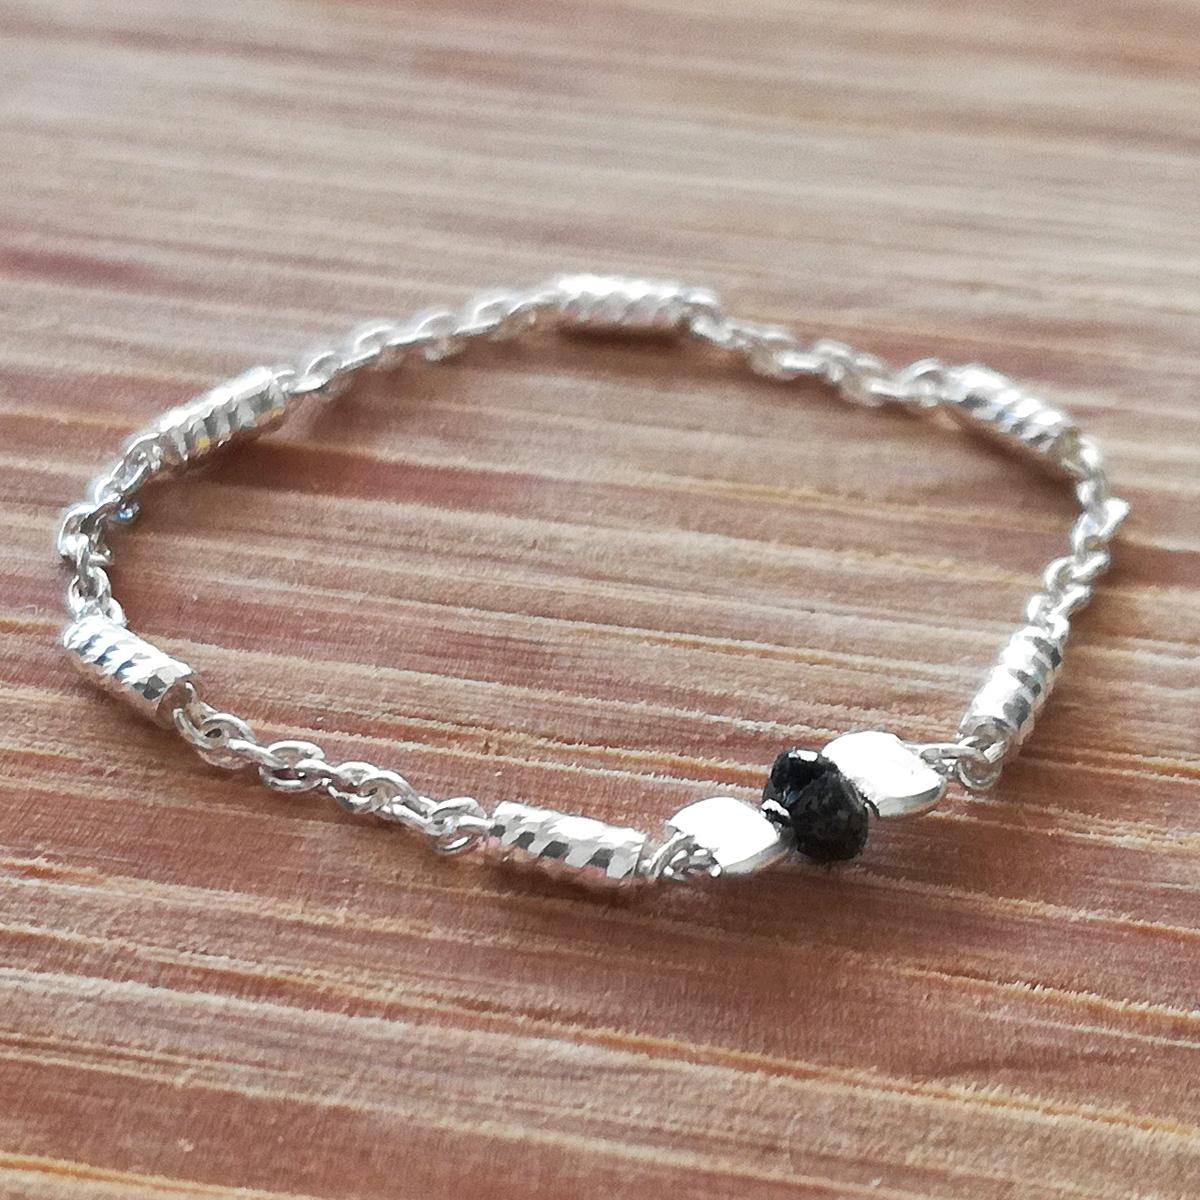 910254bedec Bague diamant noir chaine fantaisie argent massif by LFDM Jewels - Bague  diamant